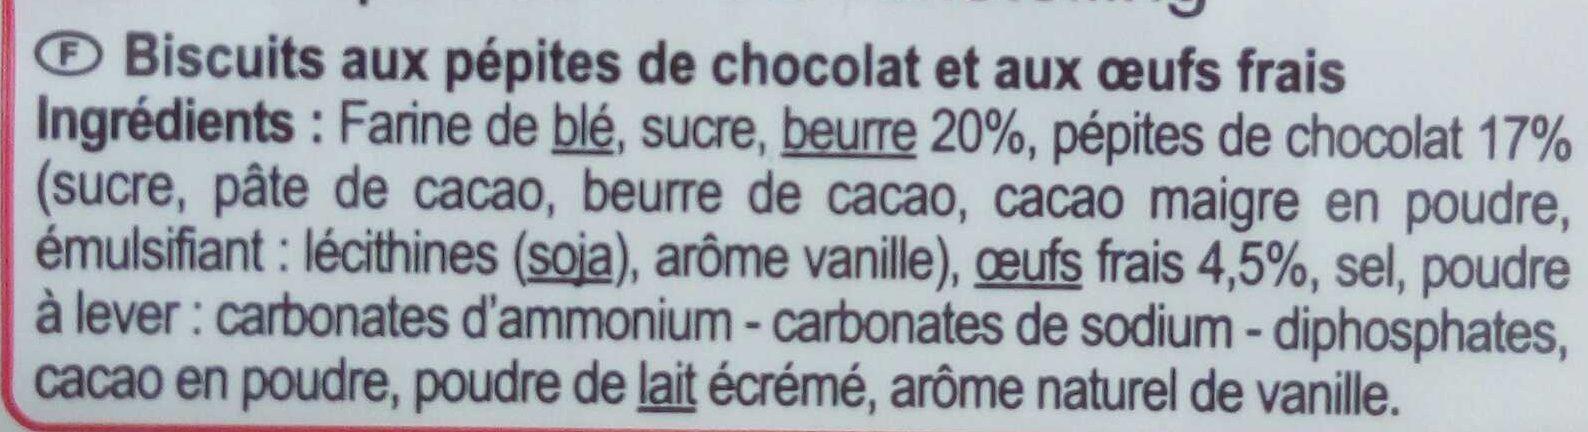 Les Galettes Pépites de chocolat - Ingrédients - fr